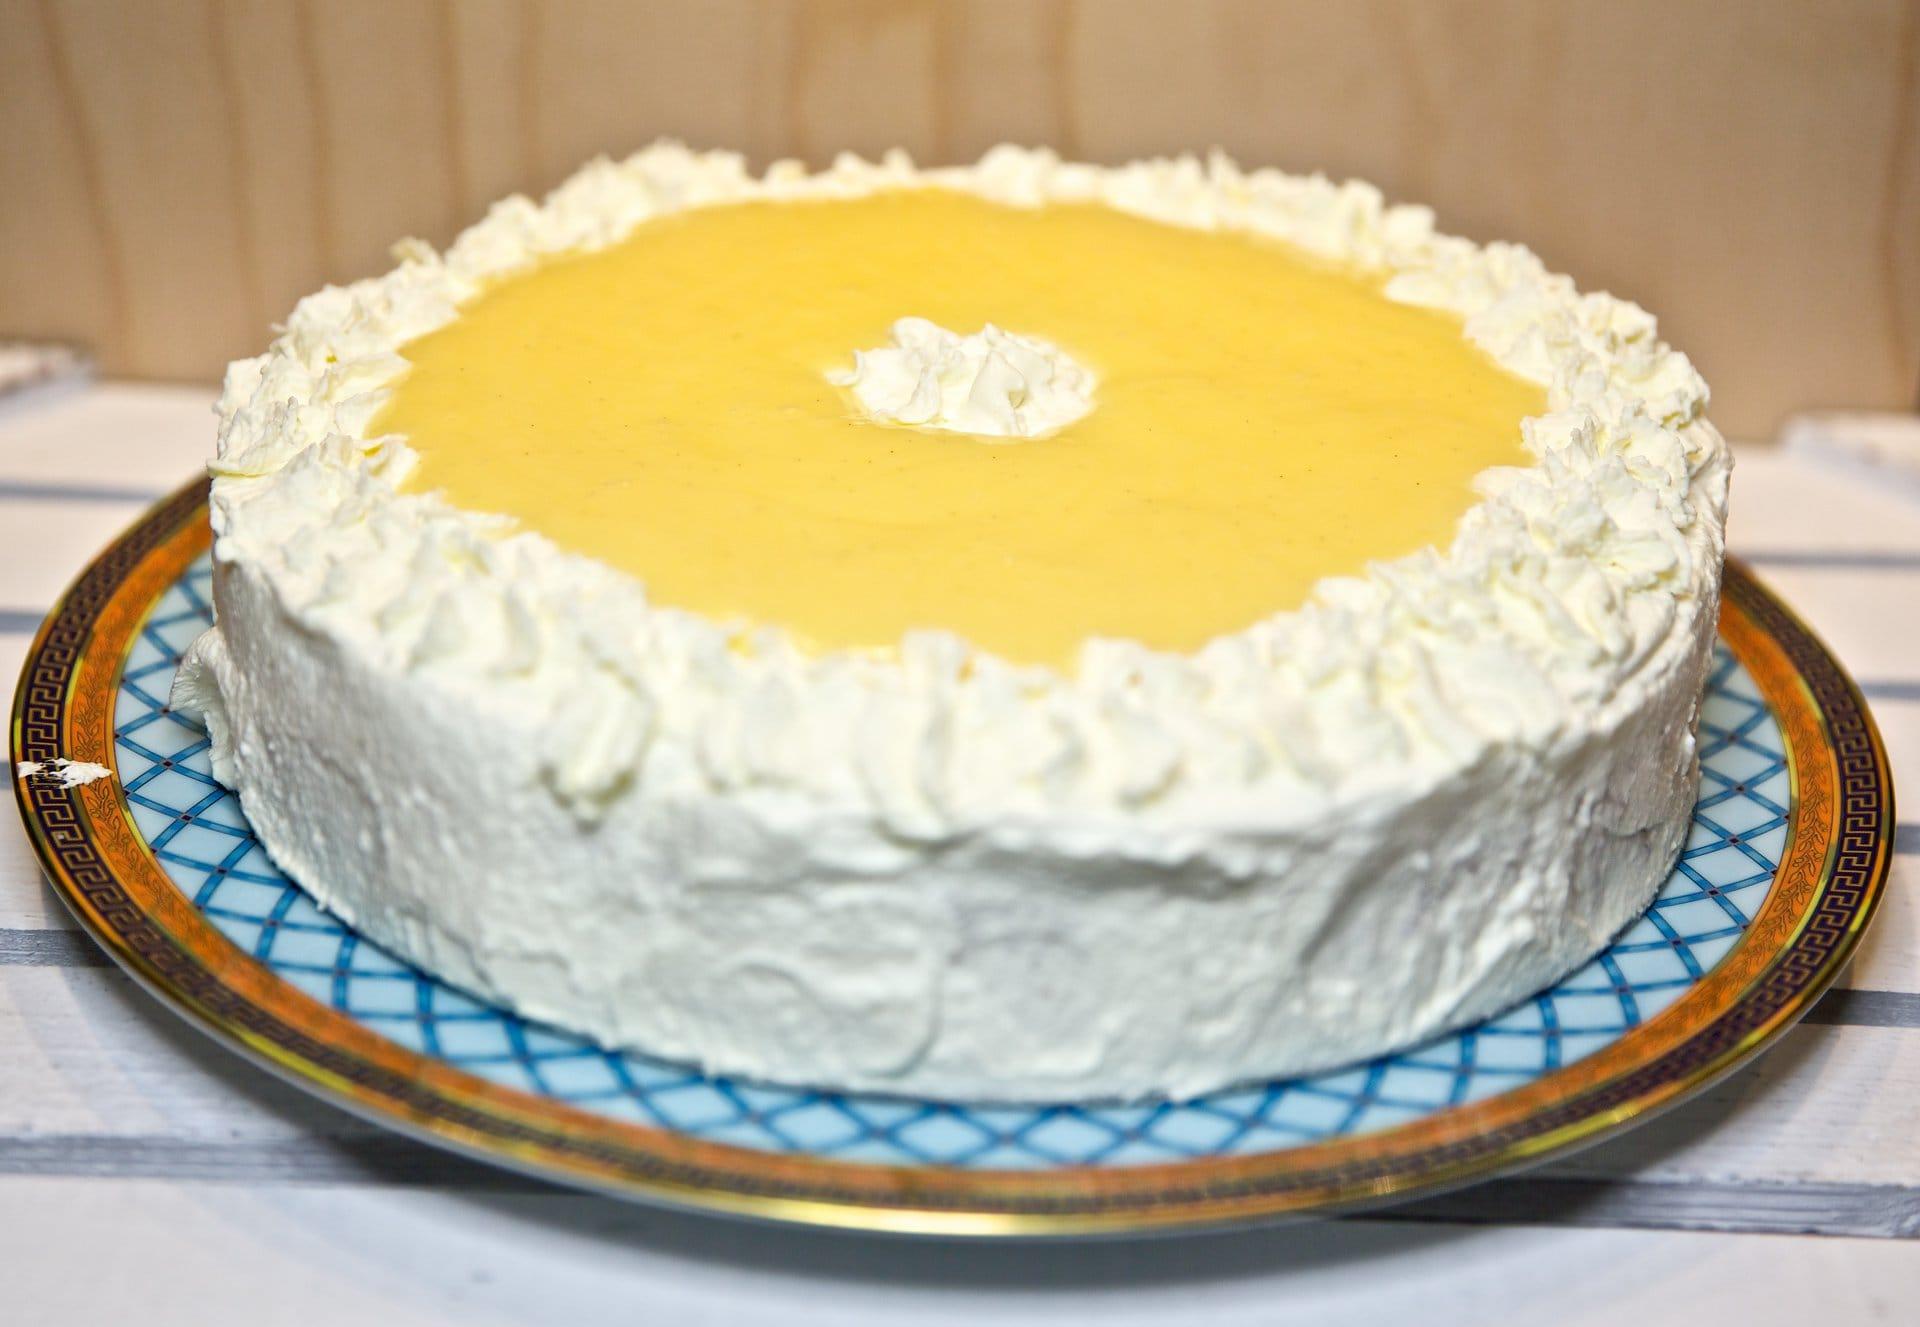 kuchen was statt eierlikör